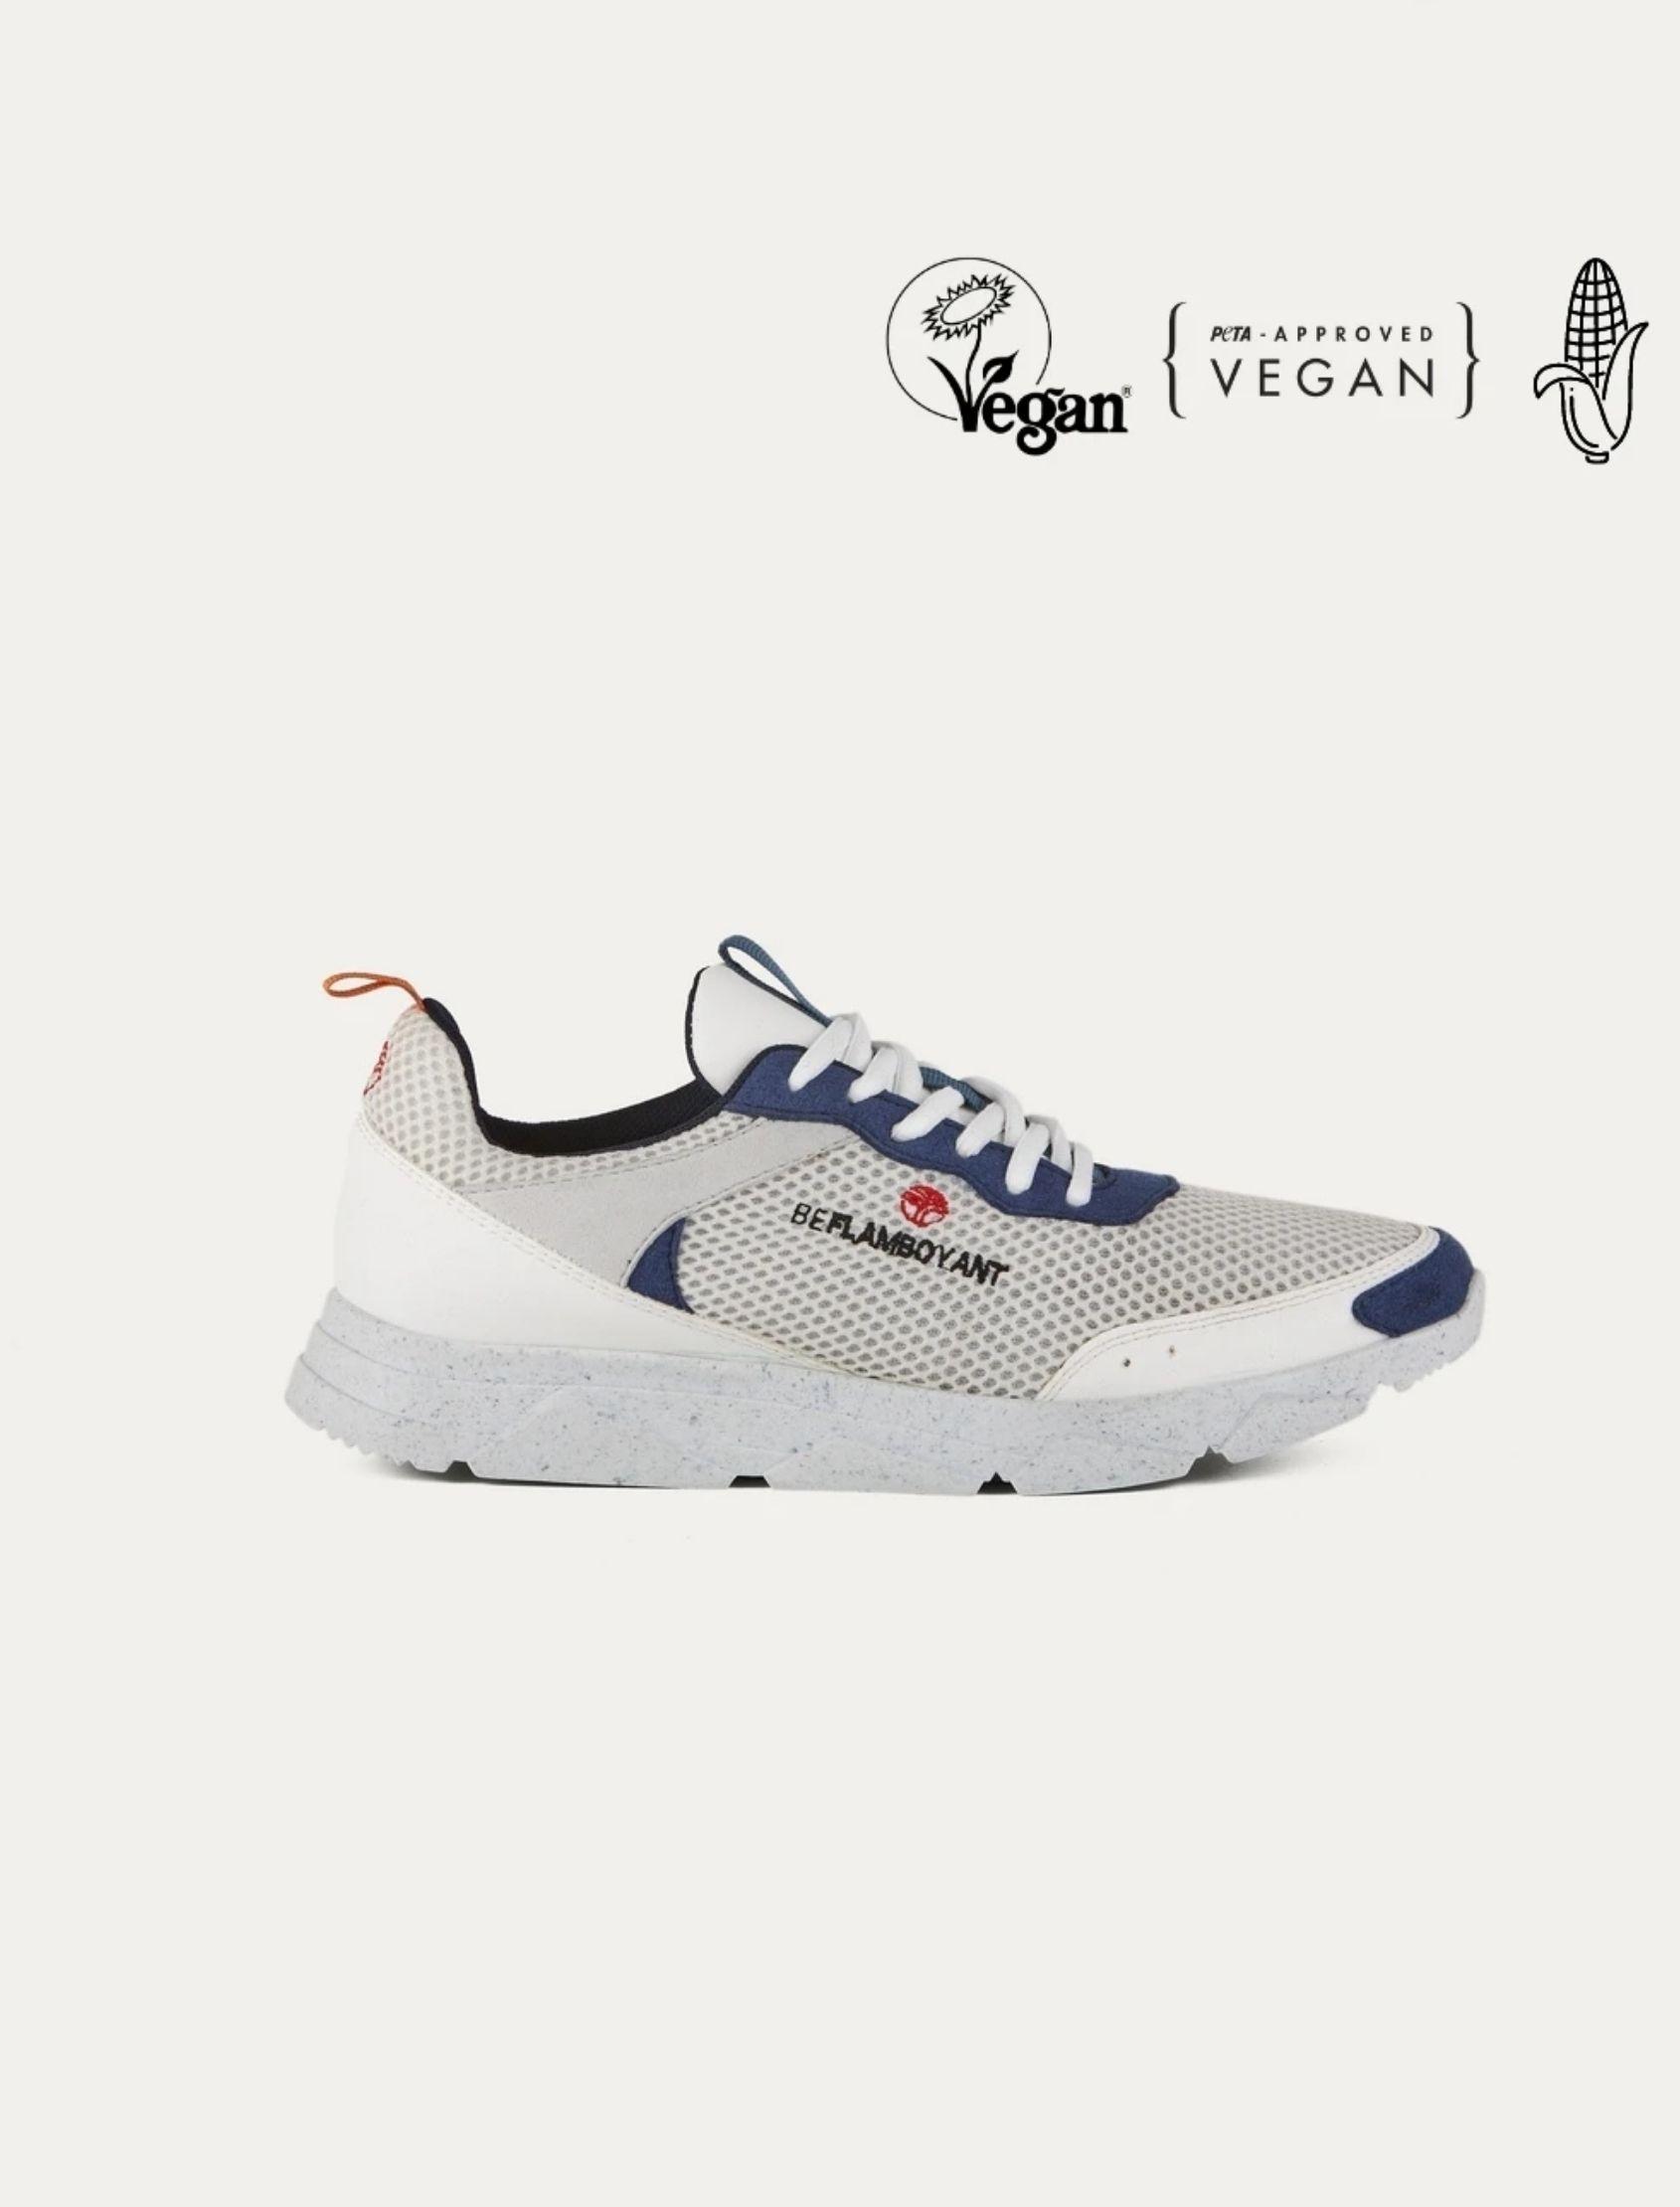 zapatilla street navy de la marca beflamboyand elaborada con tejidos veganos